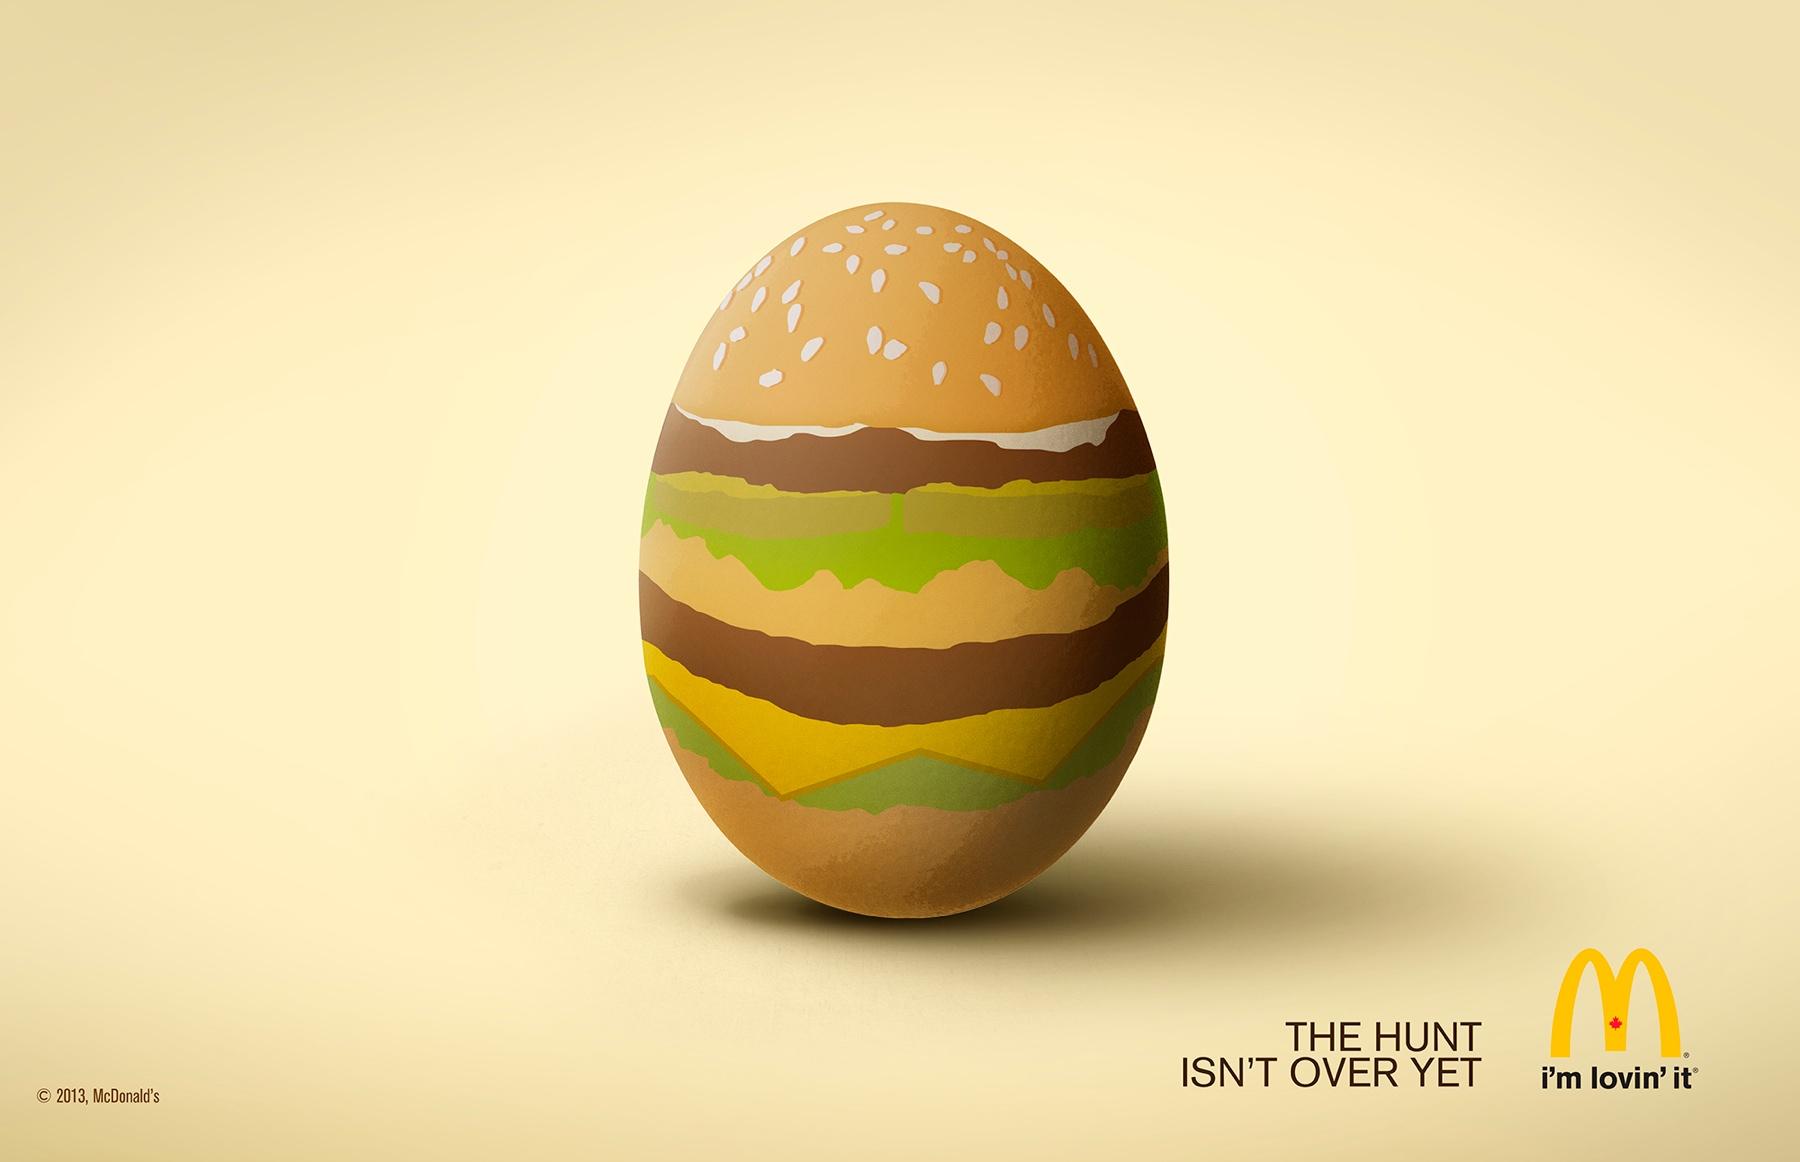 Pasqua: le pubblicità più creative degli ultimi anni